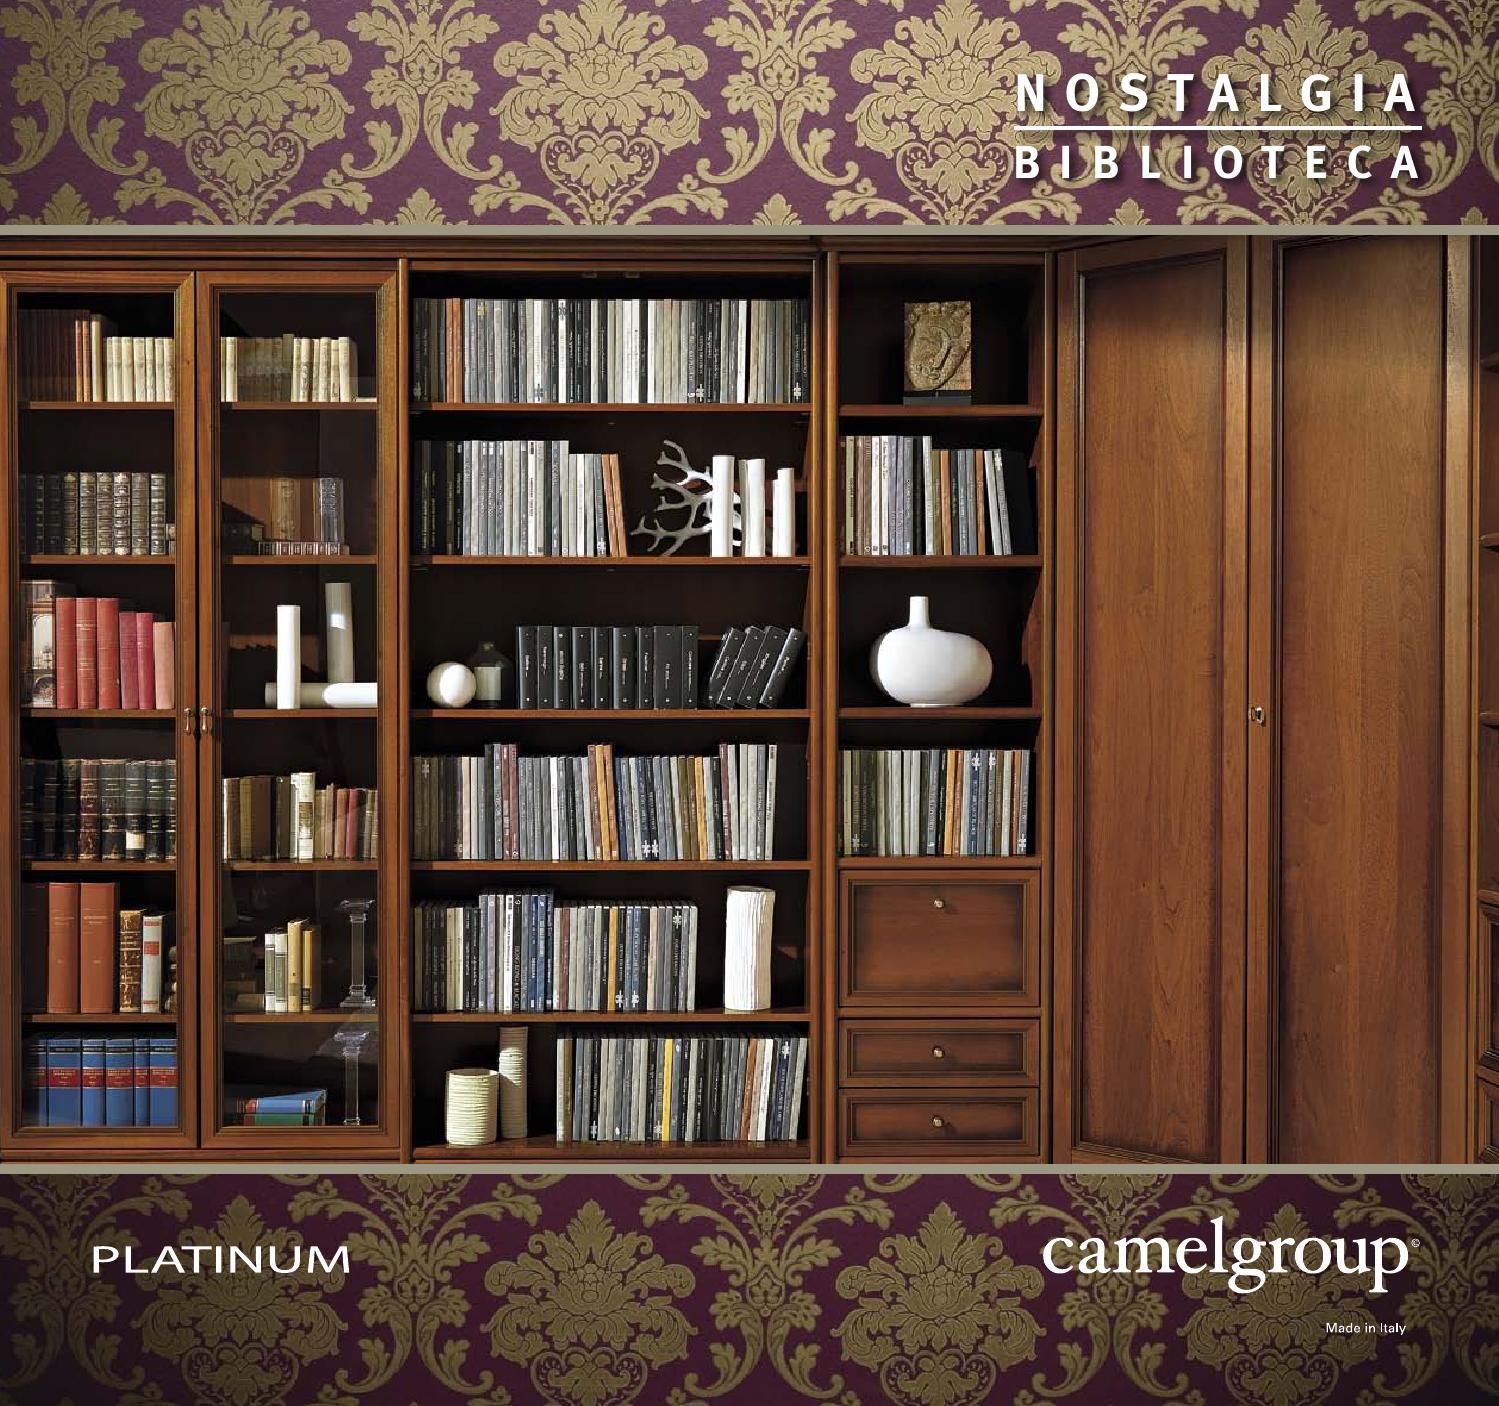 Traditional nostalgia biblioteca camelgroup pdf by camelgrou.